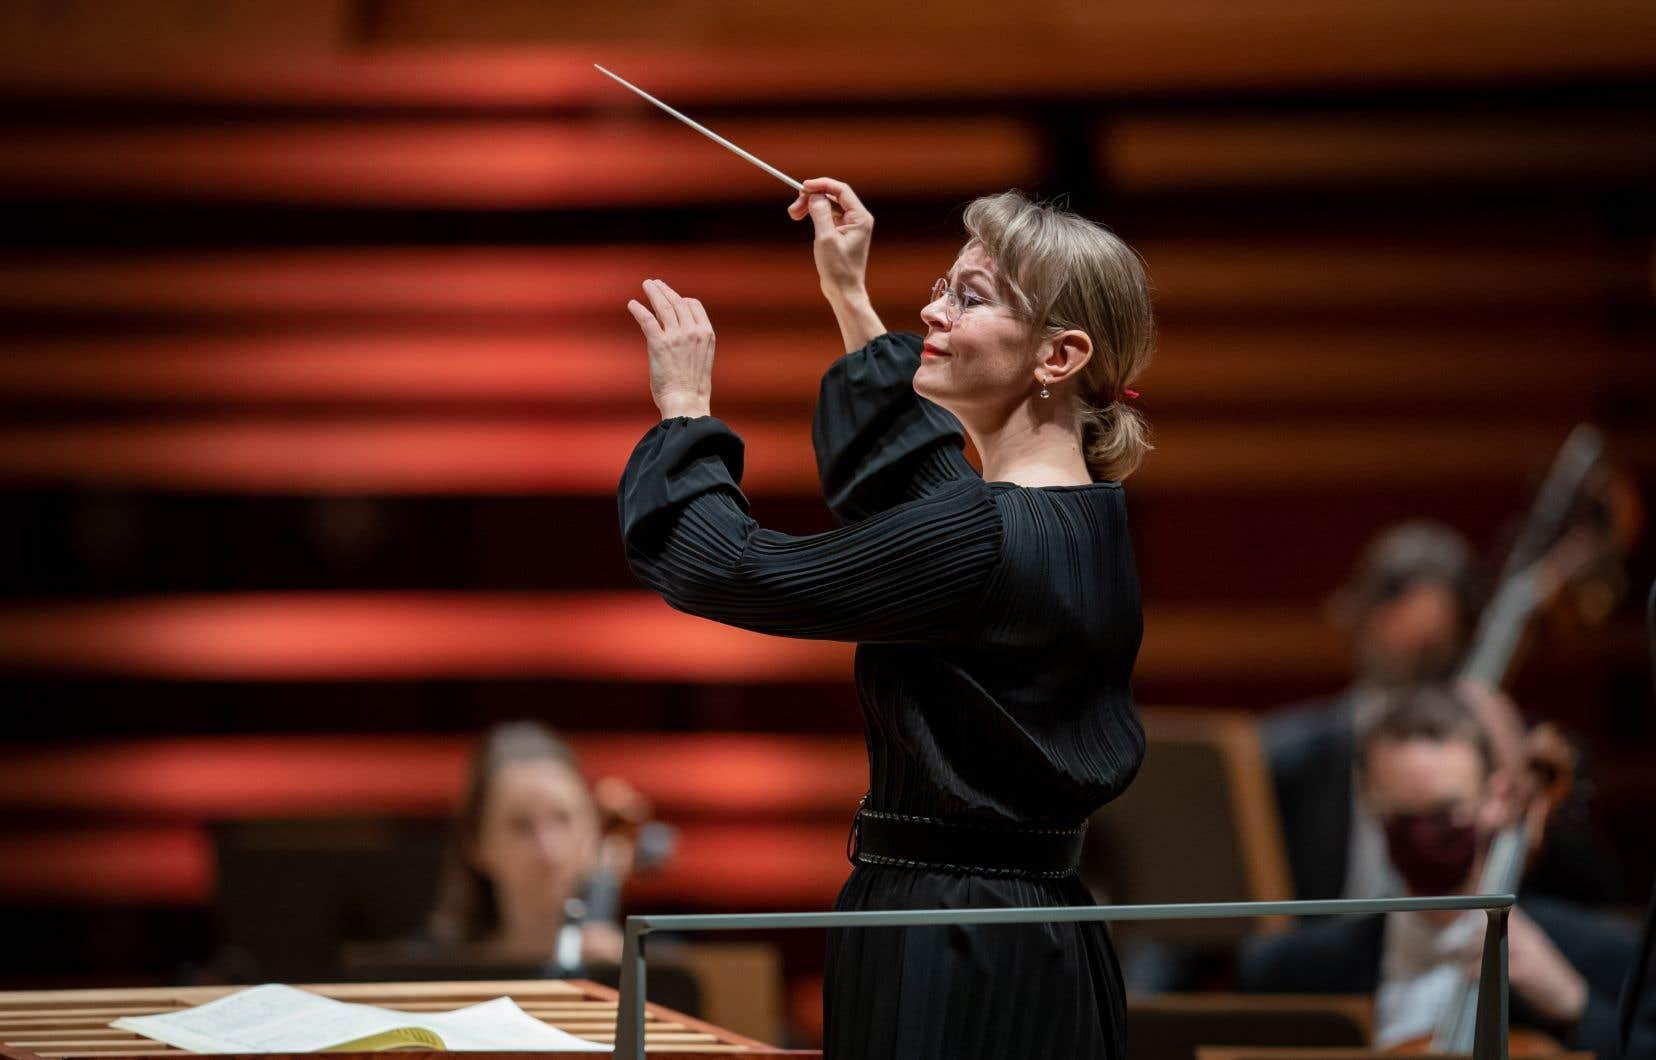 Susanna Mälkki est une cheffe élégante, sobre et compétente. Elle est aussi francophone  et réfléchie. Mais sa manière d'articuler  la musique,  sa manière d'avancer dans les phrases est majoritairement esthétisante, descriptive plus qu'agissante.